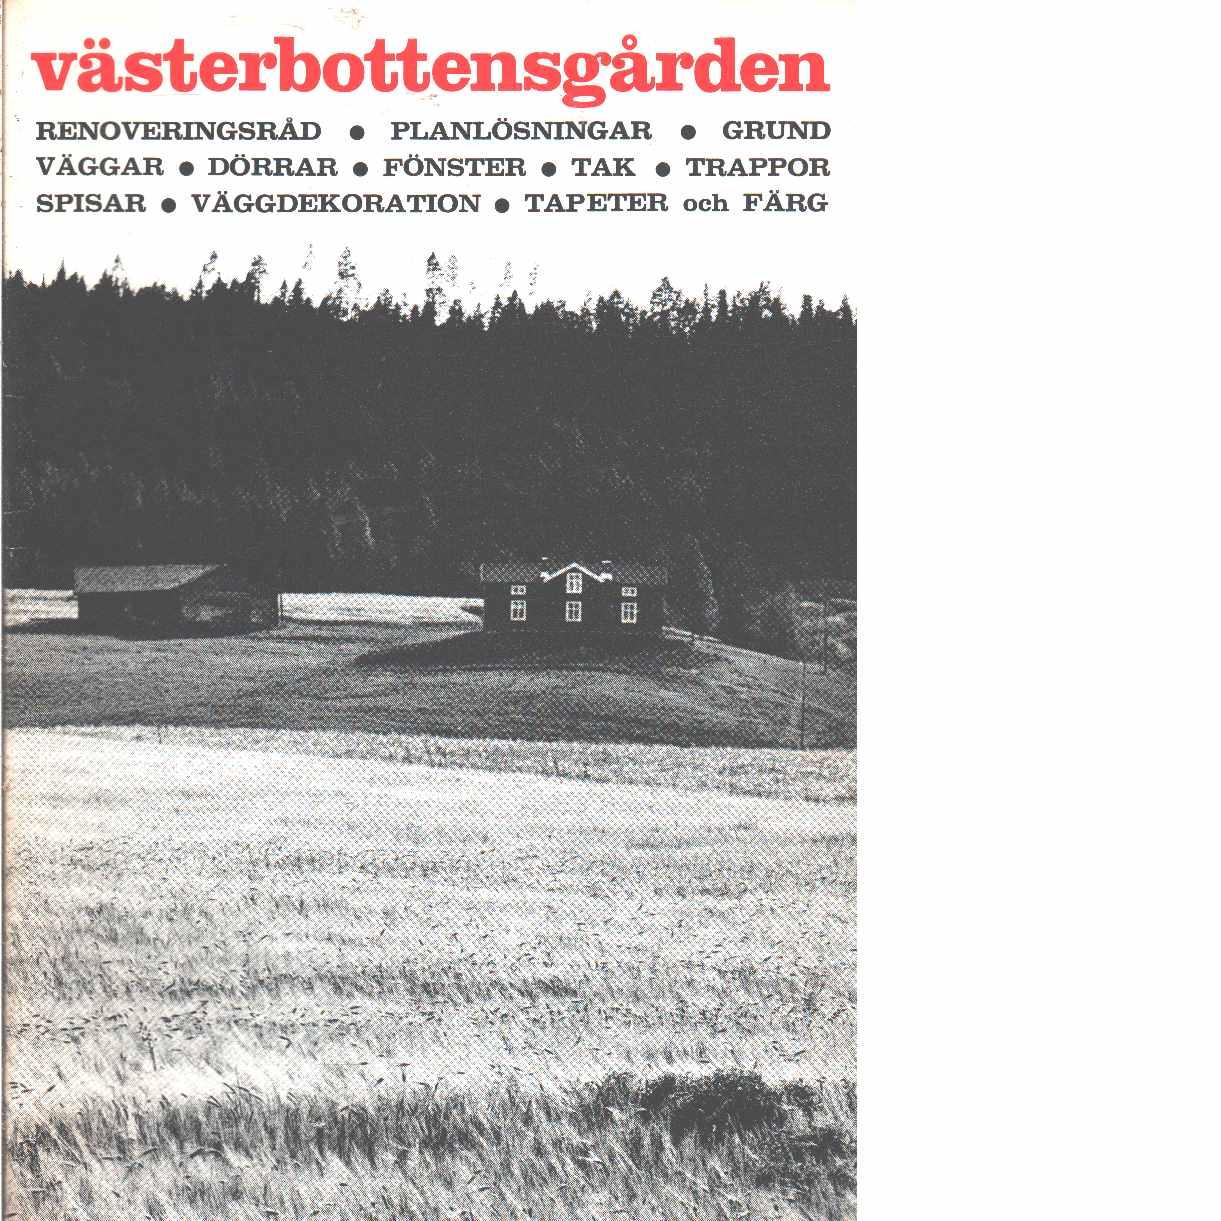 Västerbottensgården : renoveringsråd, planlösningar, grund ... - Red. Västerbottens museum